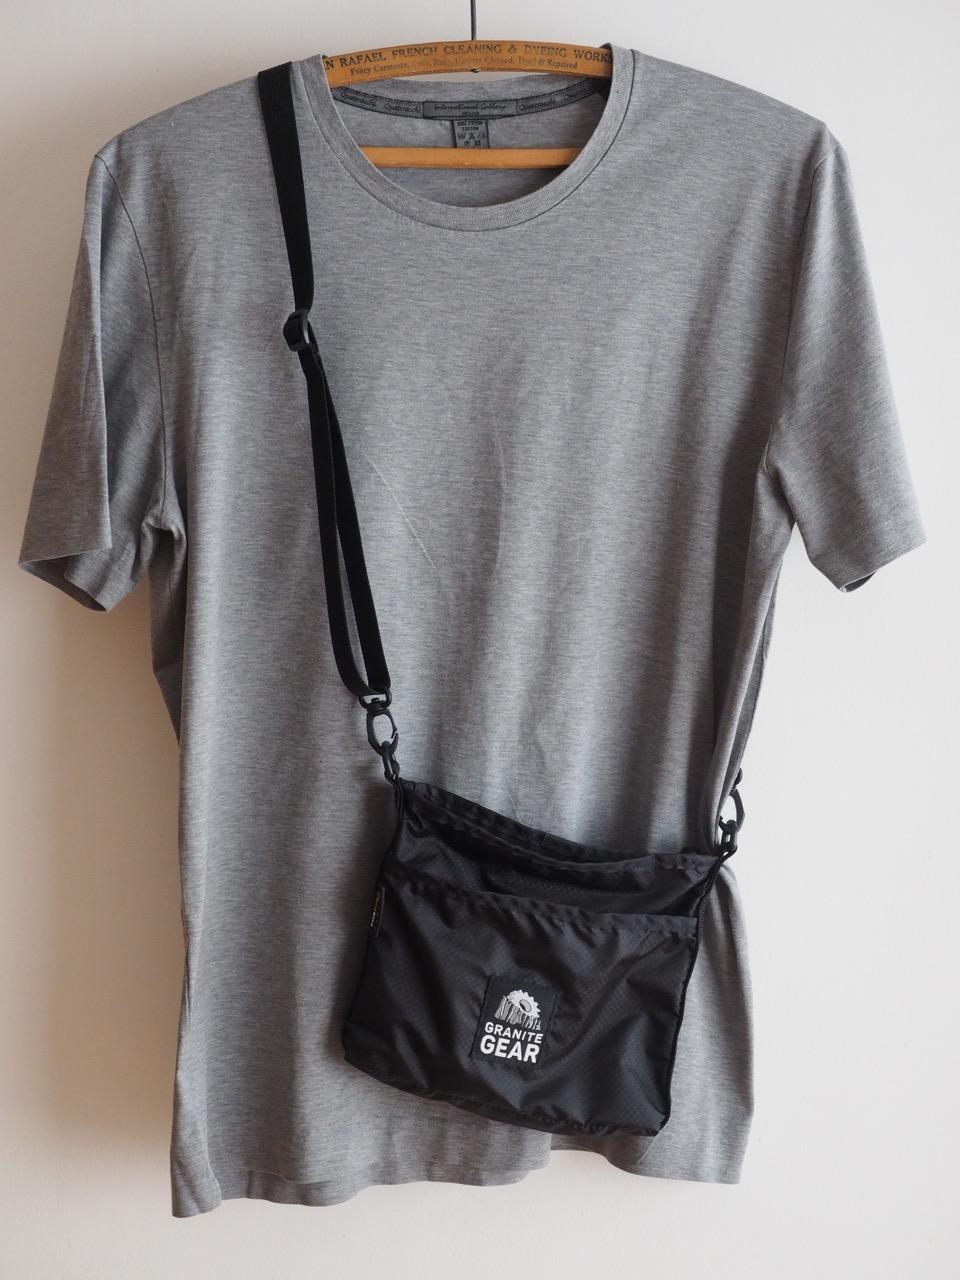 Tシャツ、短パンの時のポケット替わり